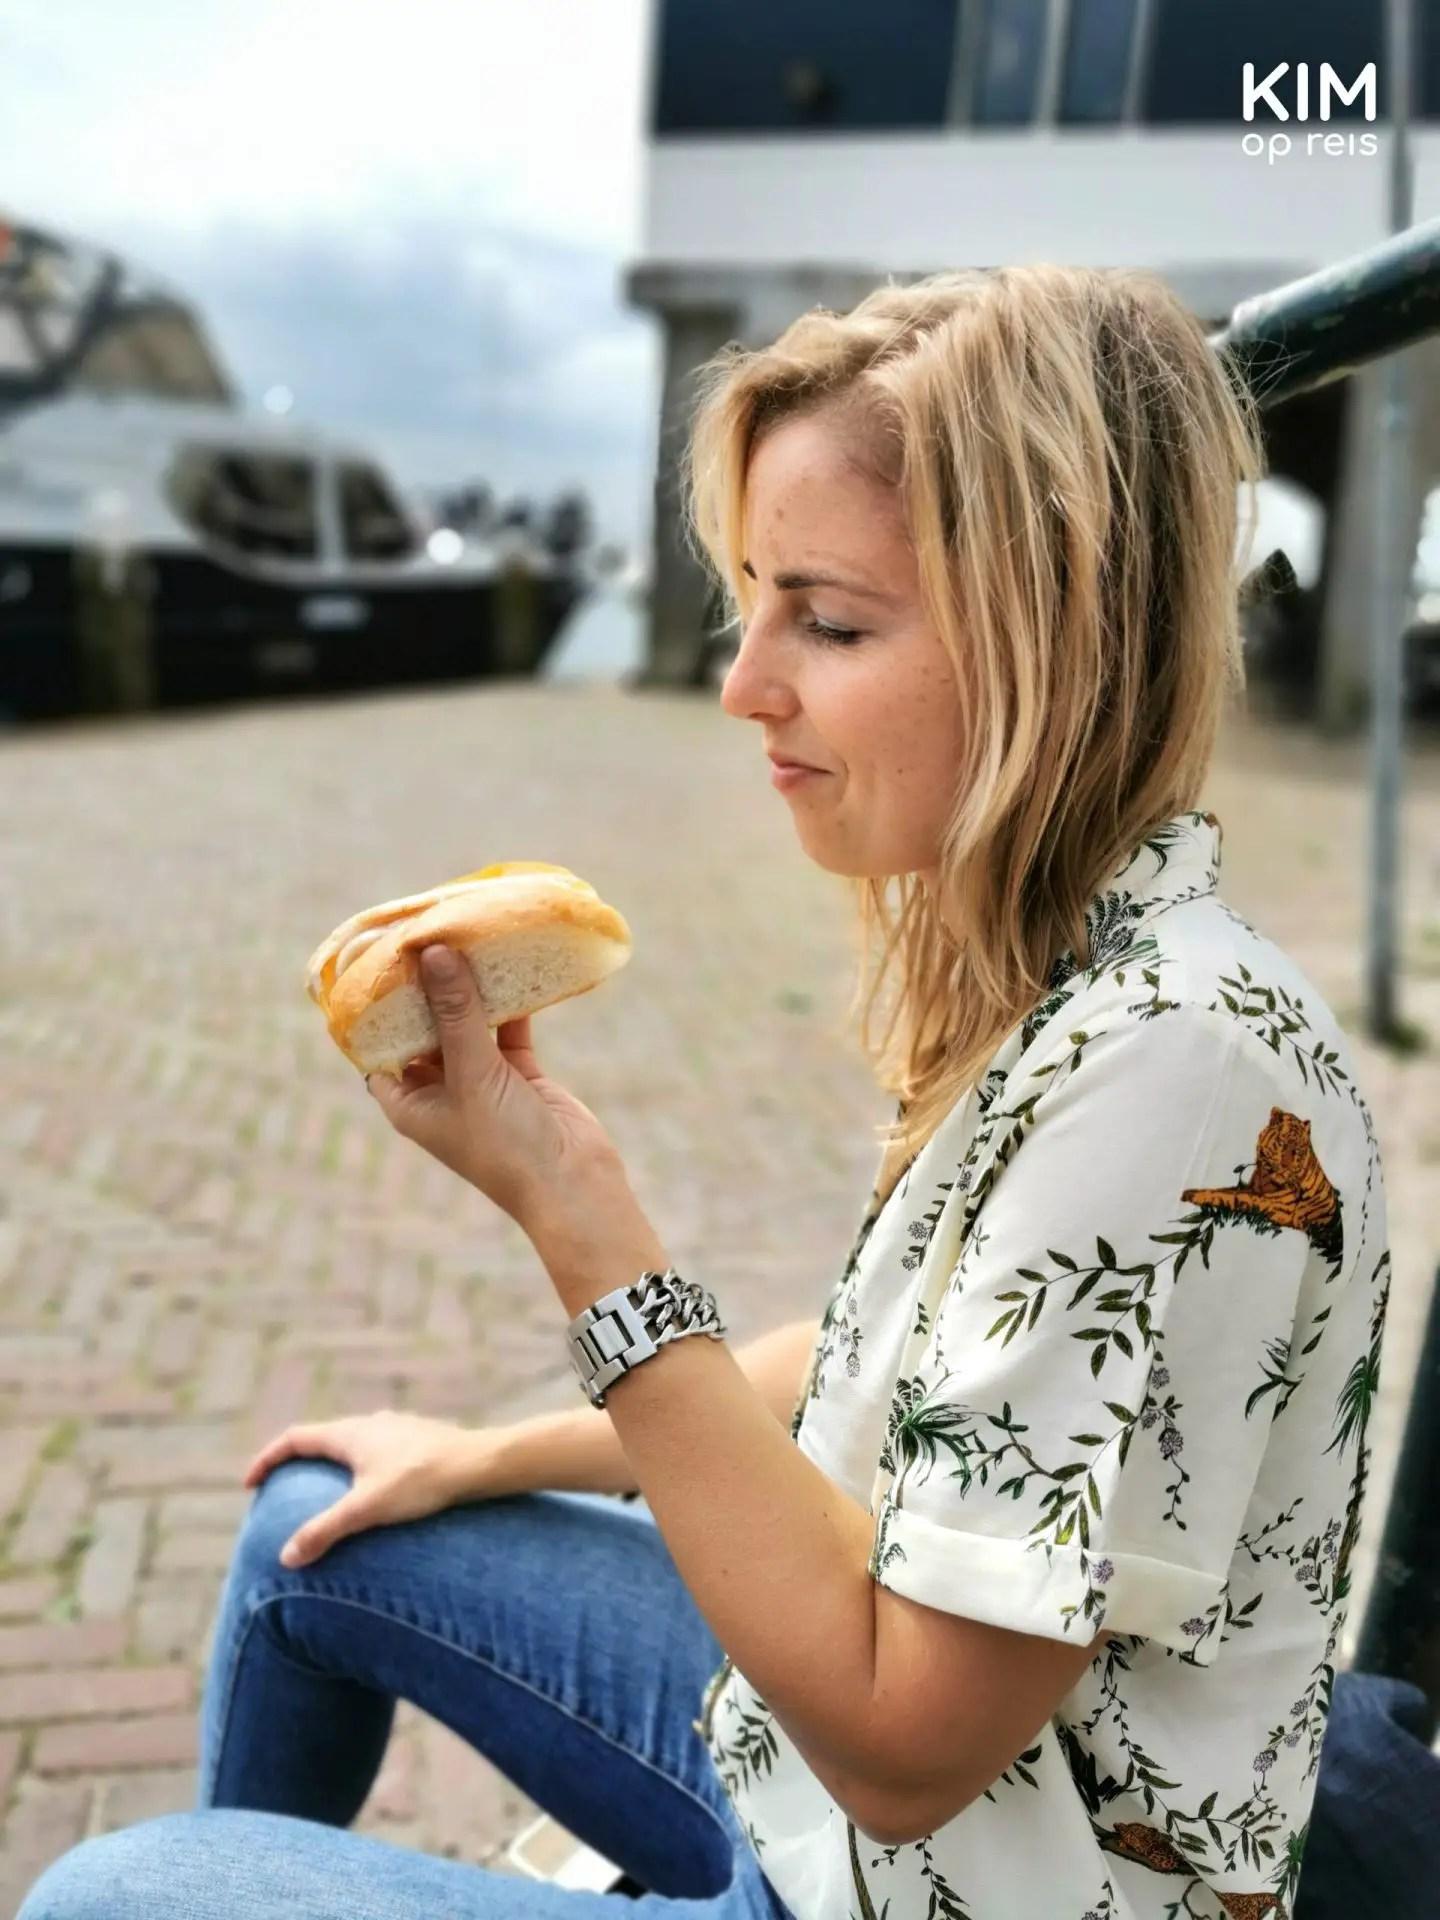 Eating an eel sandwich in Volendam - Kim eats an eel sandwich on the quay